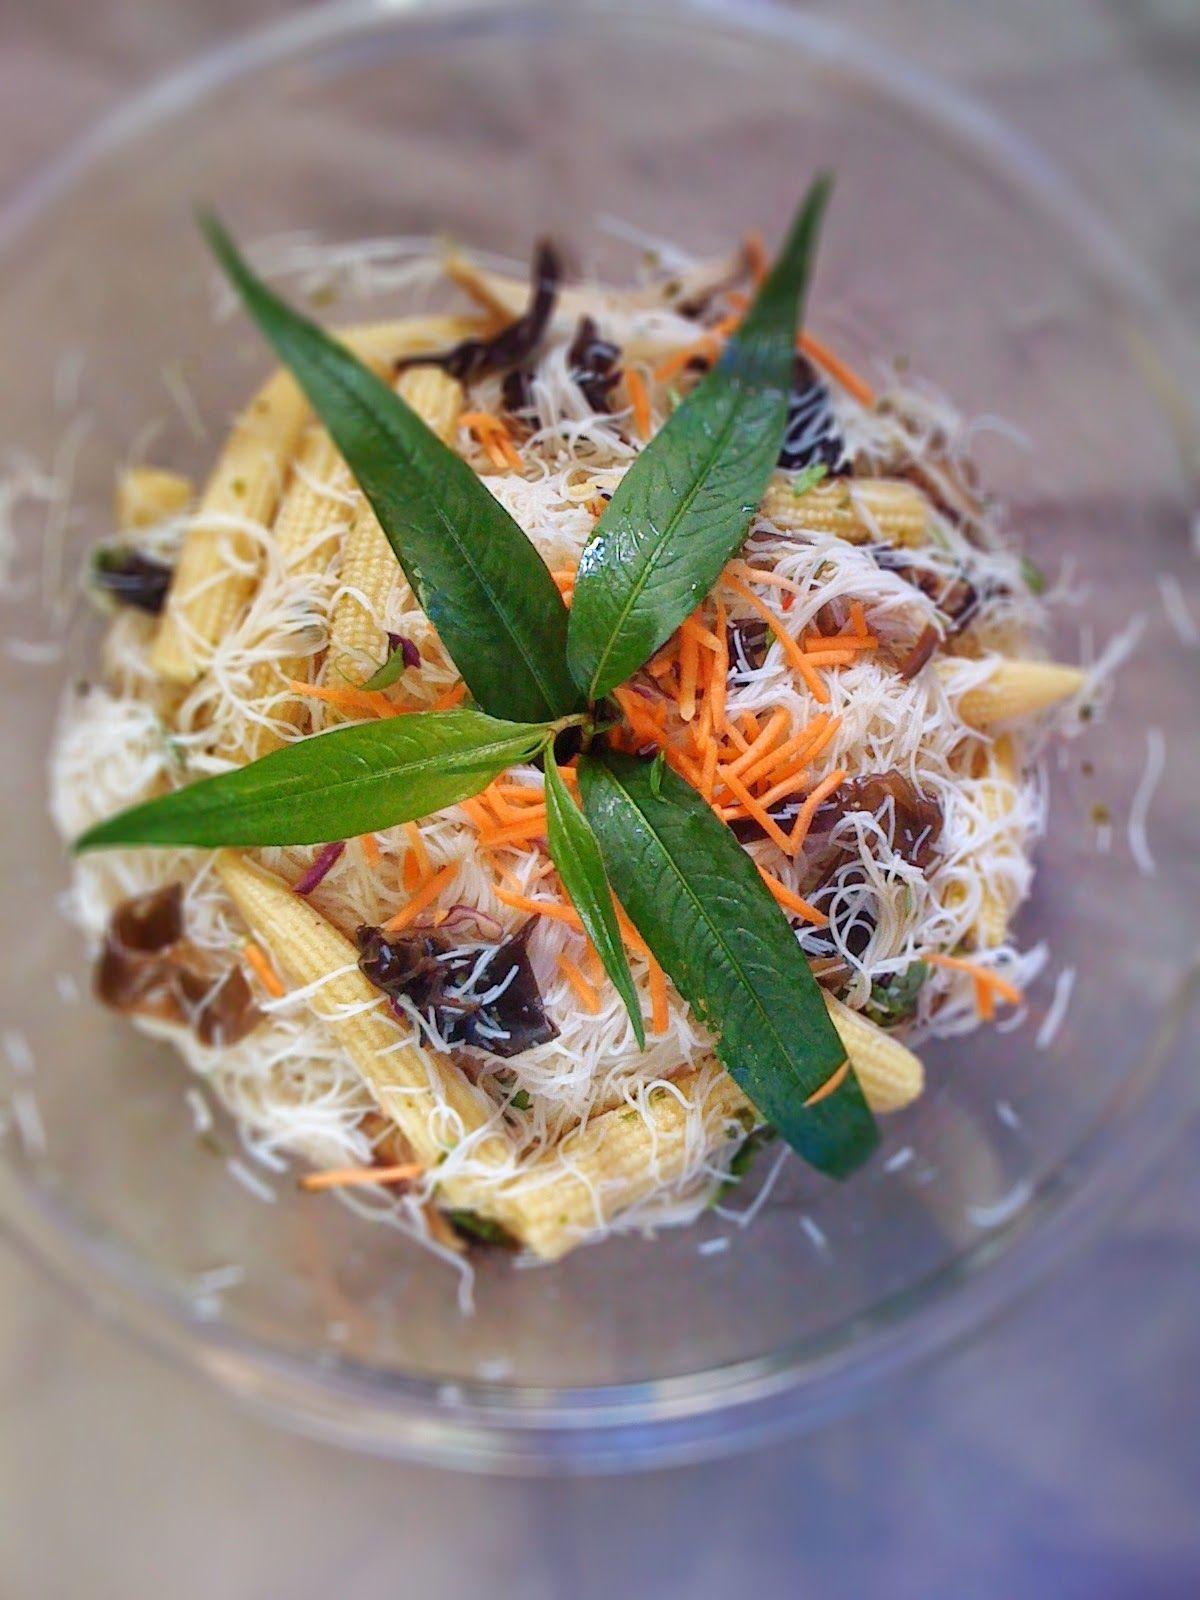 is vietnamese vermicelli gluten free